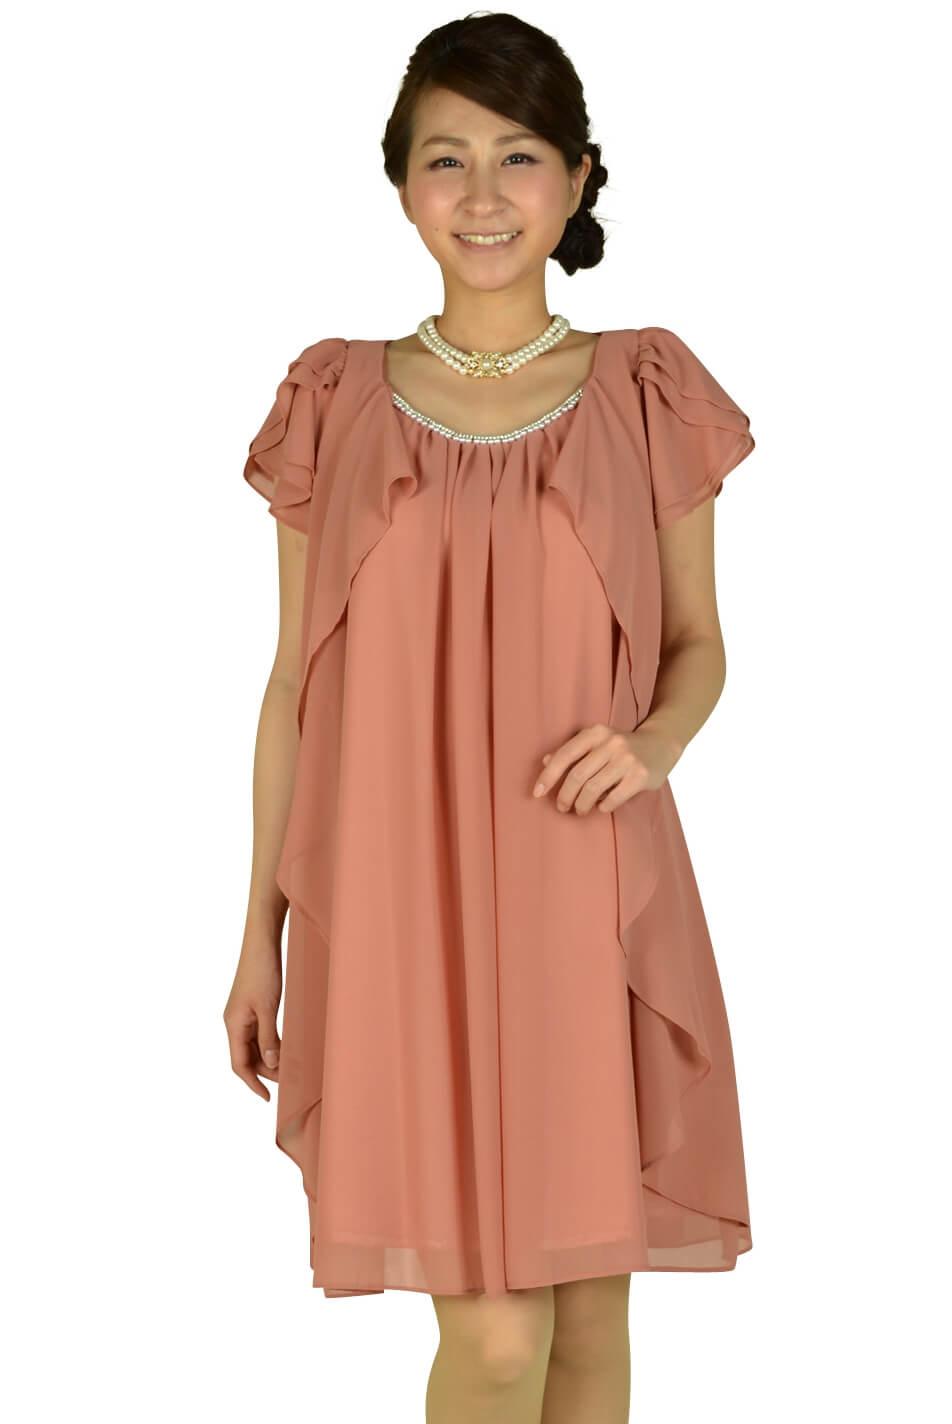 ミベル ミューズ (mebelle muse)ゆったりピンク袖付きドレス